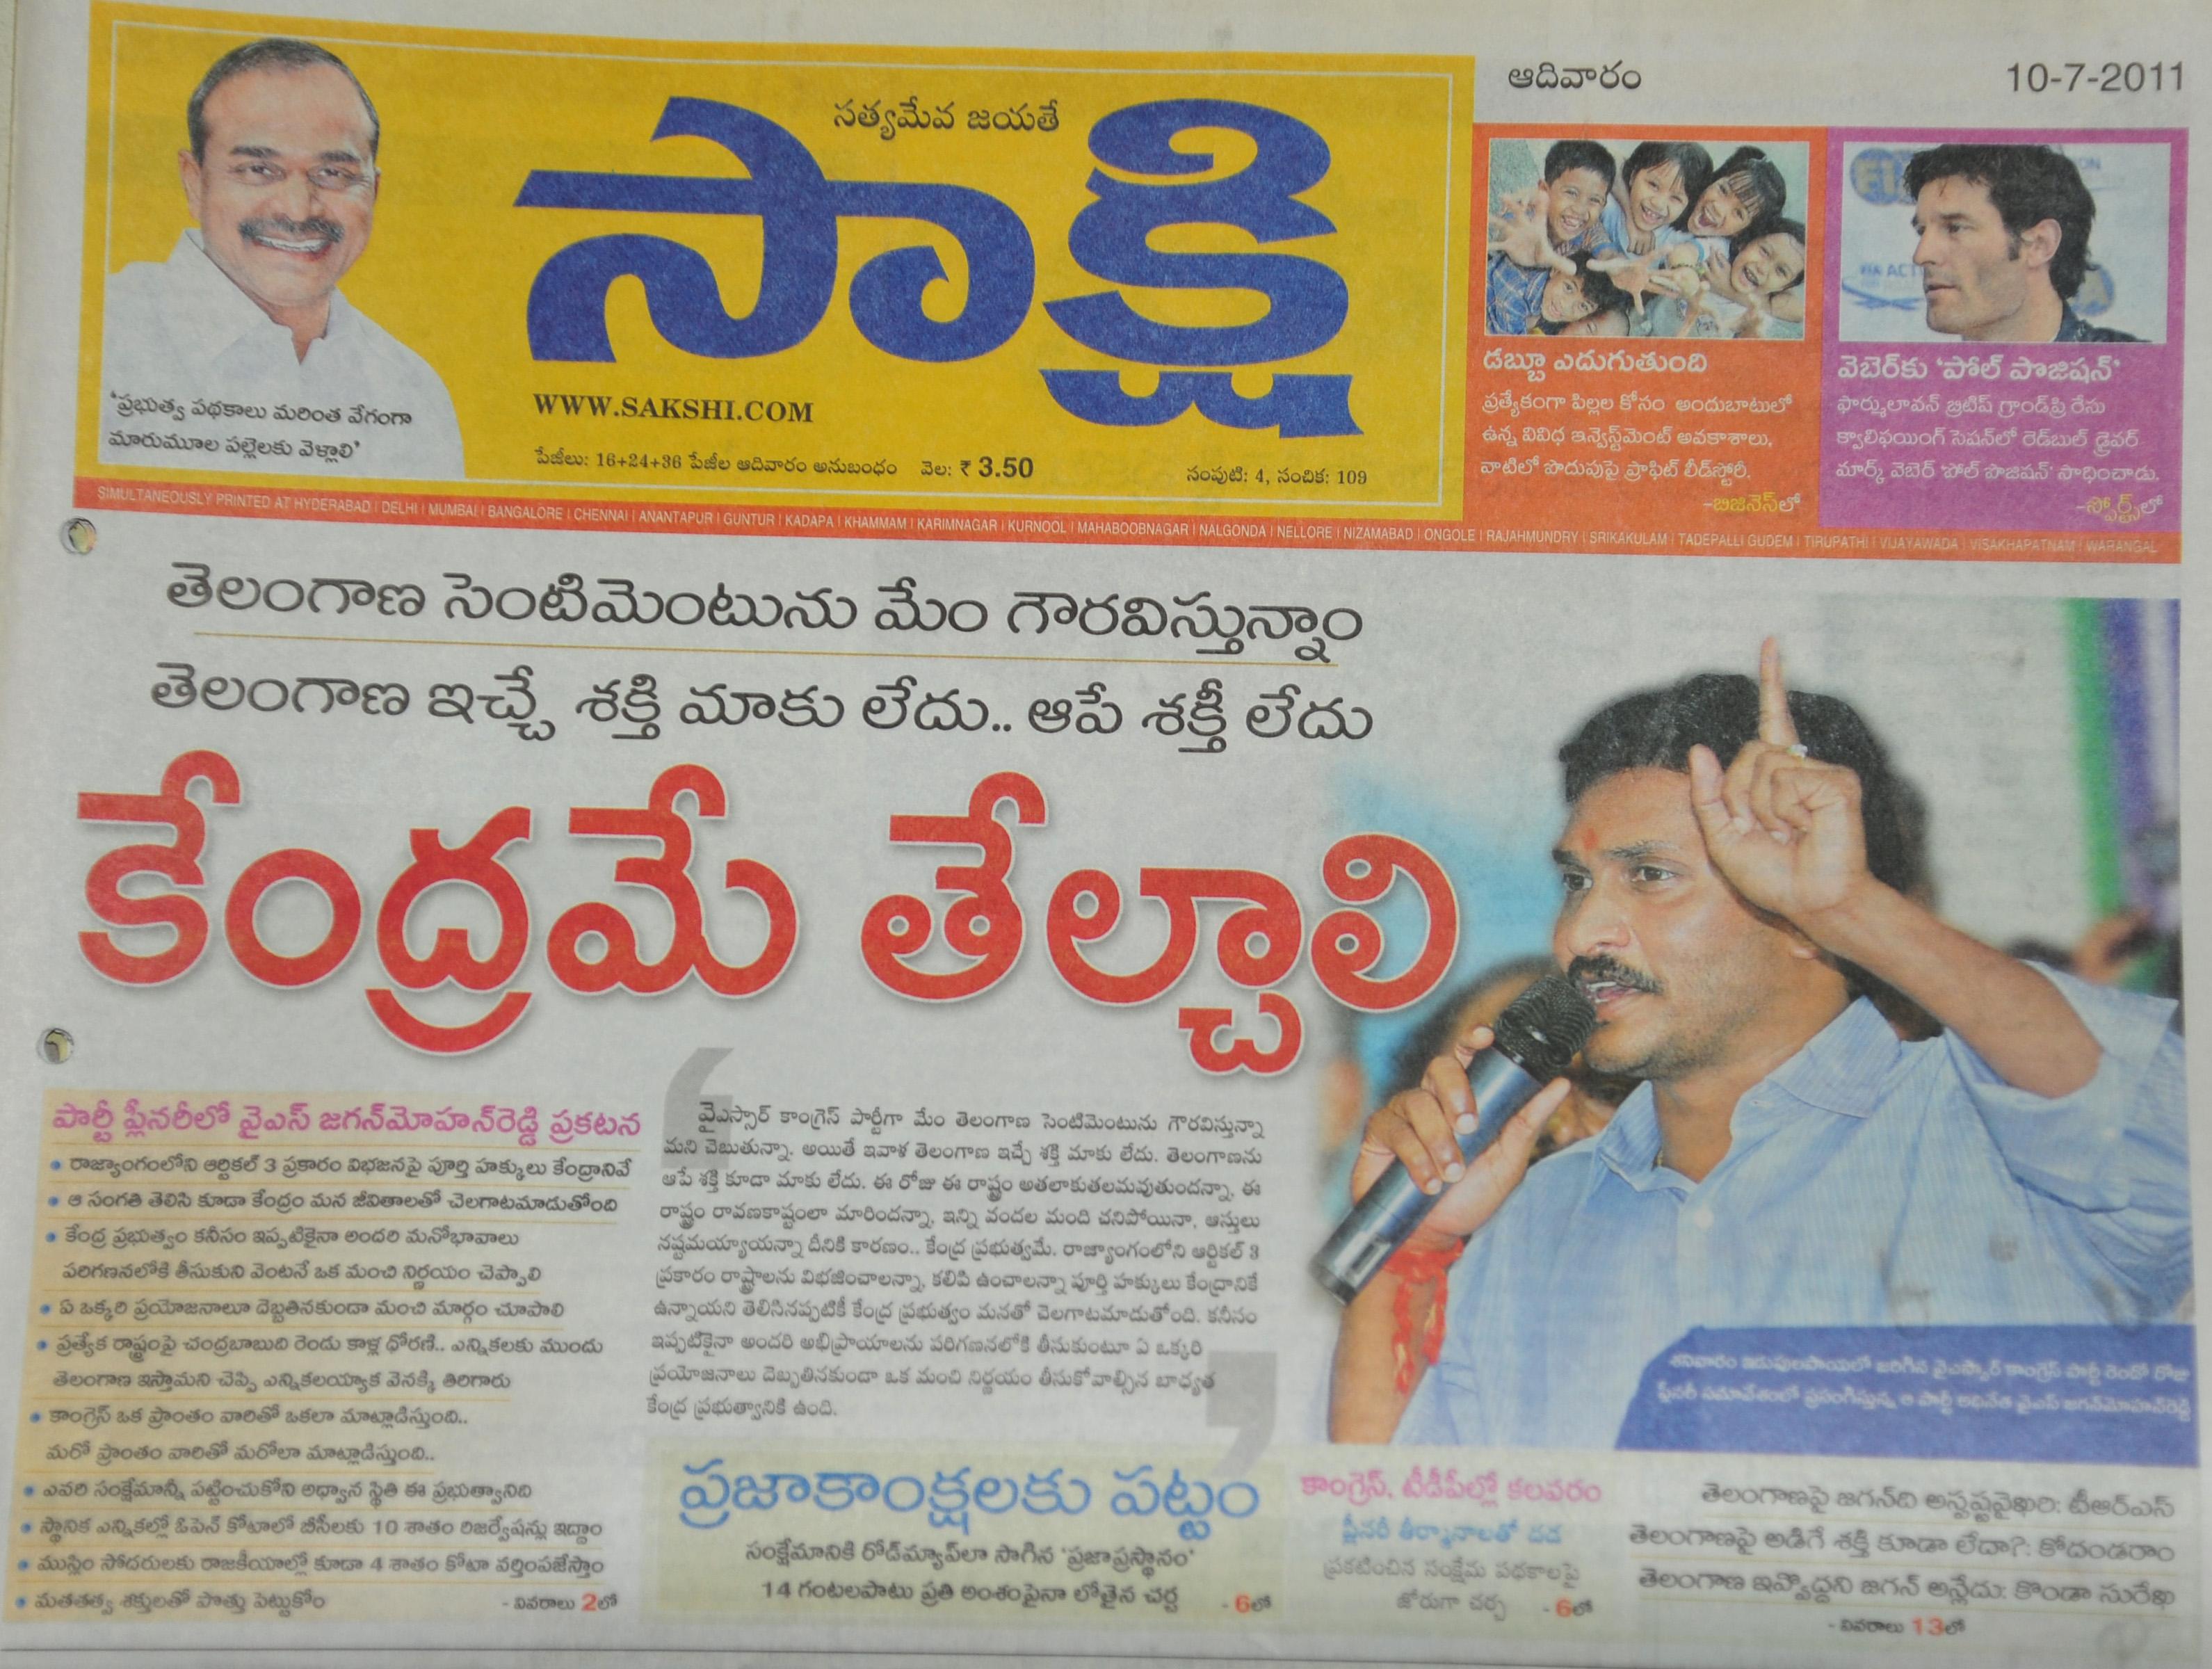 10-07-11 Sakshi YS Jagan comments on Telangana 1